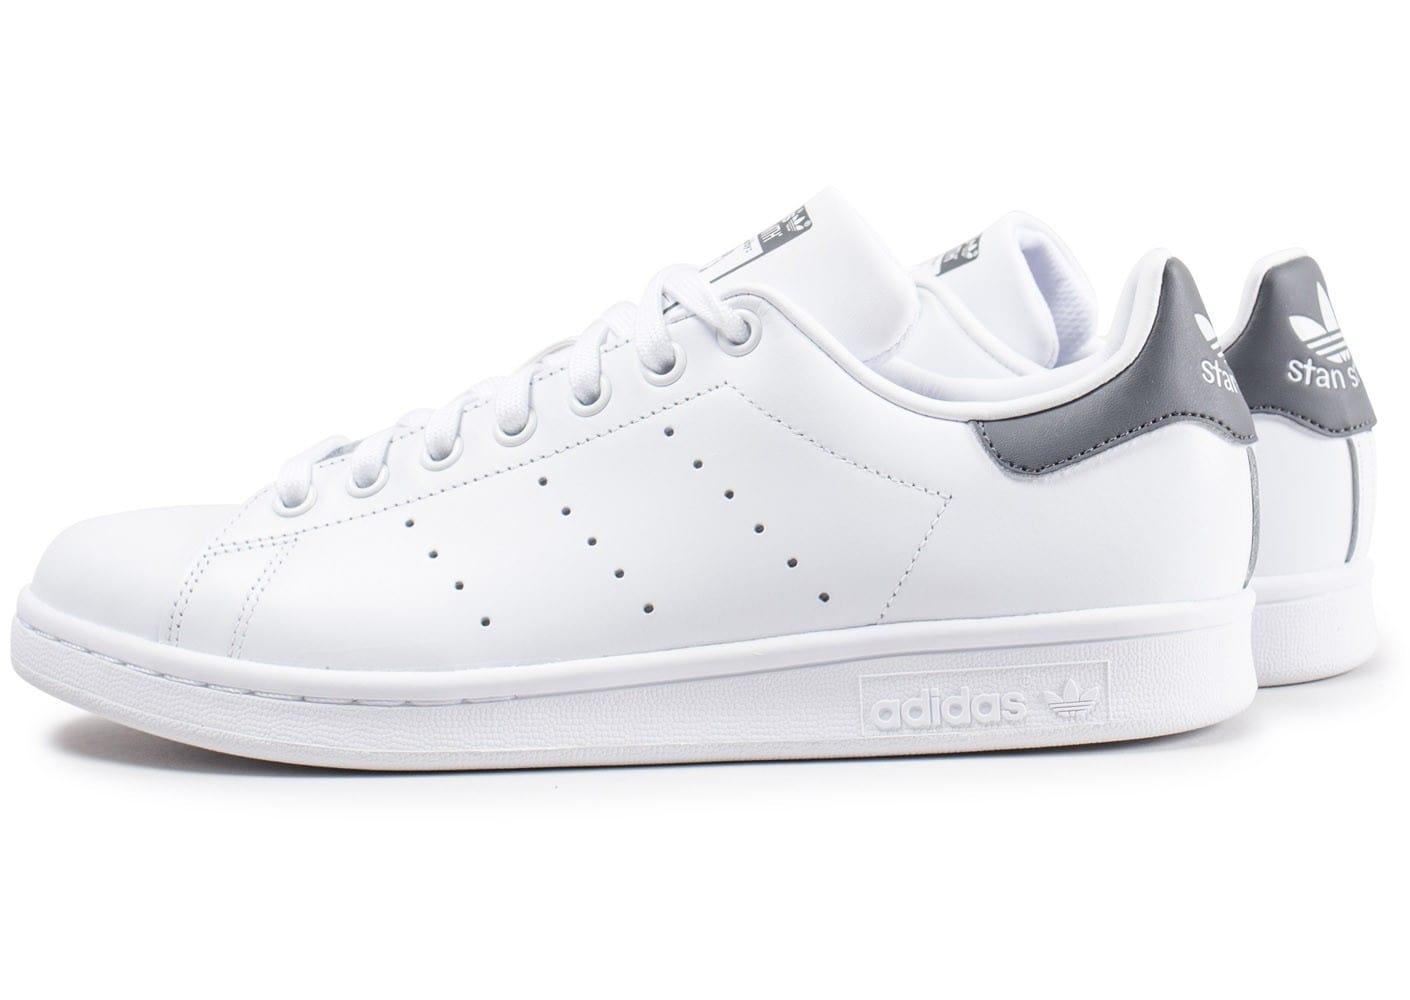 Vente adidas stan smith blanche et grise Gatorade Daim Vert Pas ... a12f15df4b29